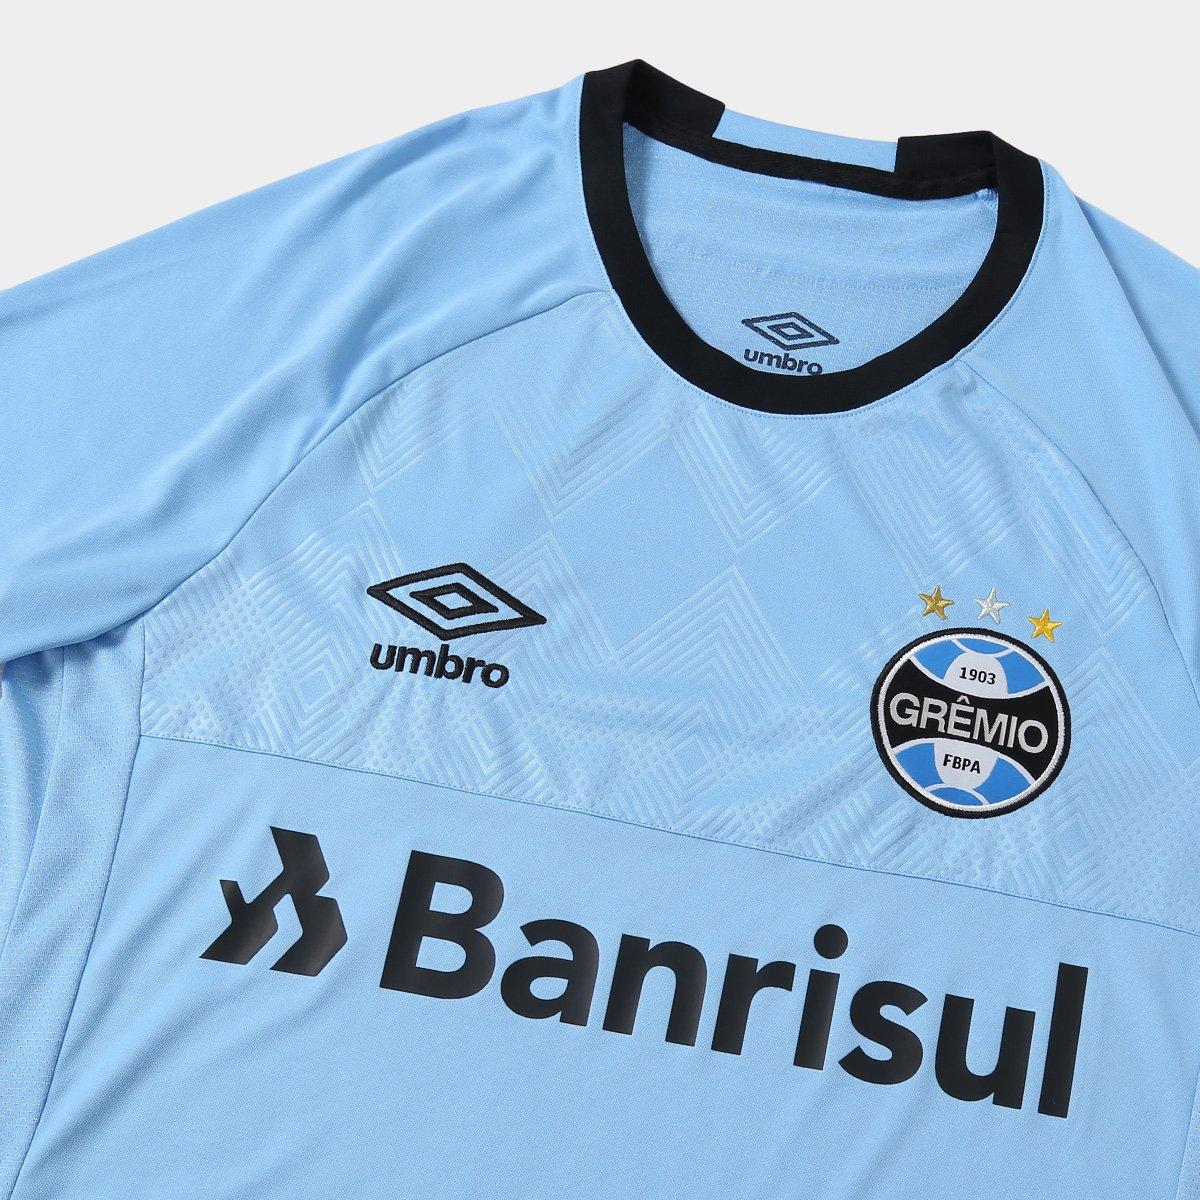 Camisa Grêmio II 2018 s n° Charrua Torcedor Umbro Masculina - Azul e ... cb0212db48c61